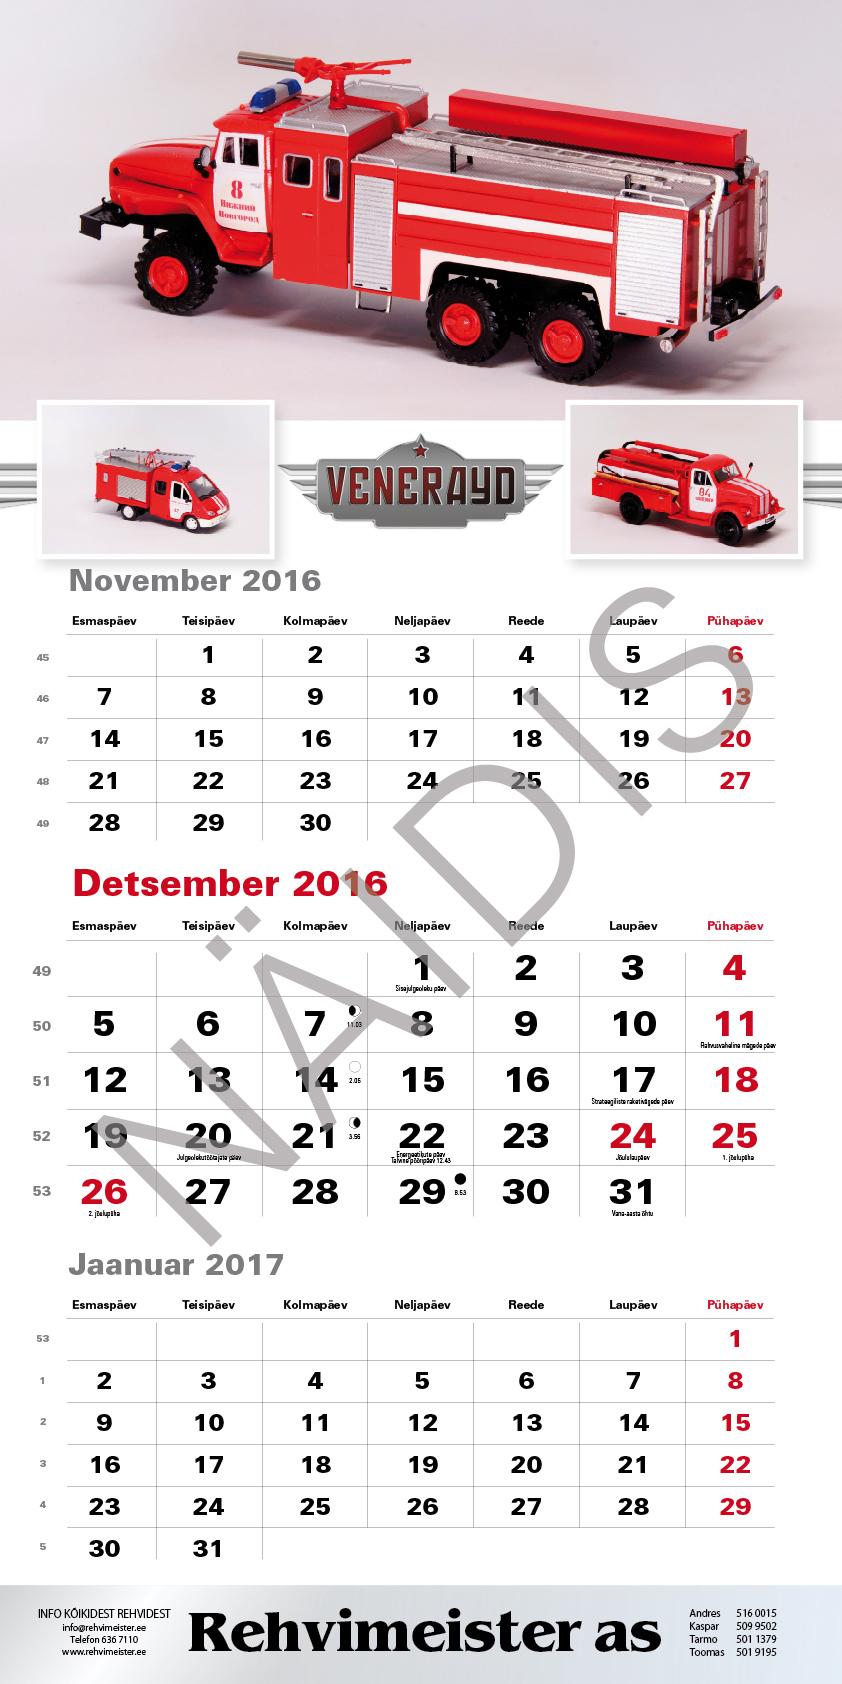 Veneraud_kalender_2016_13